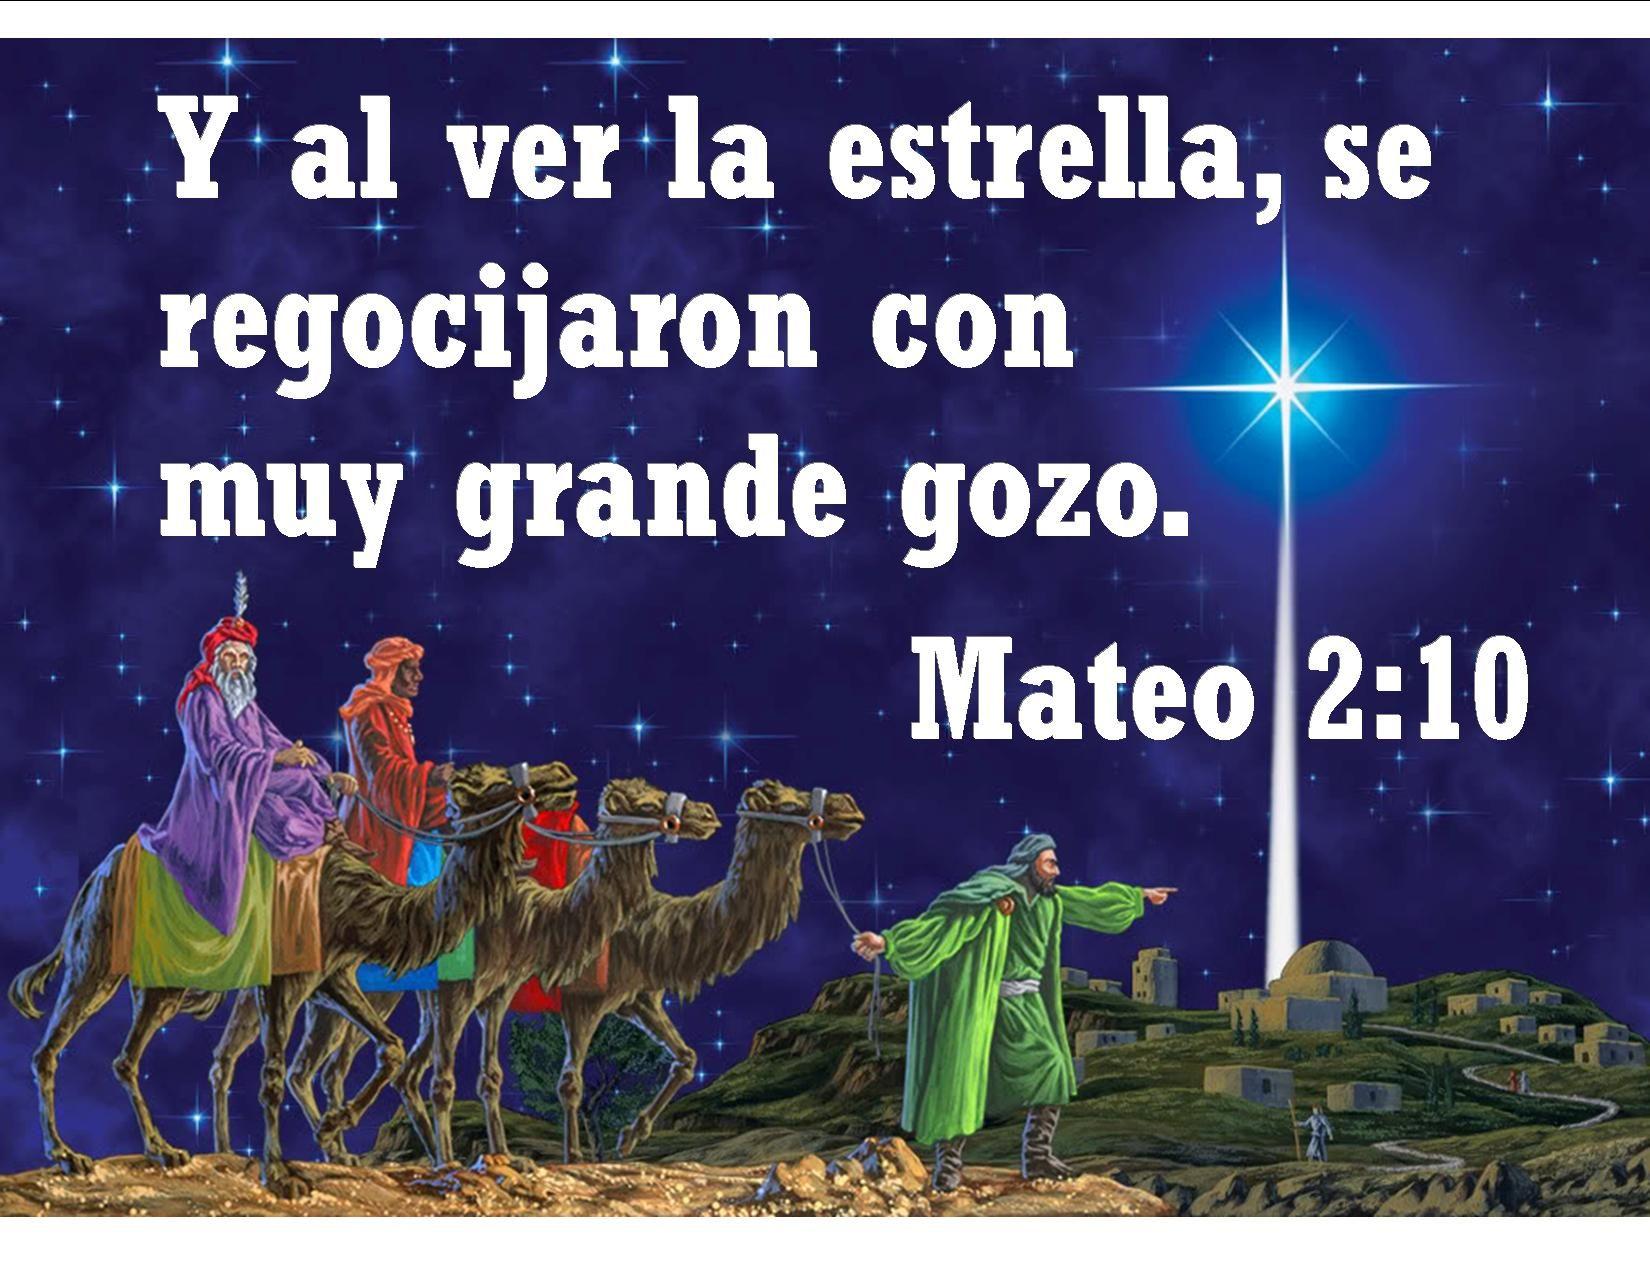 Mateo 2:10